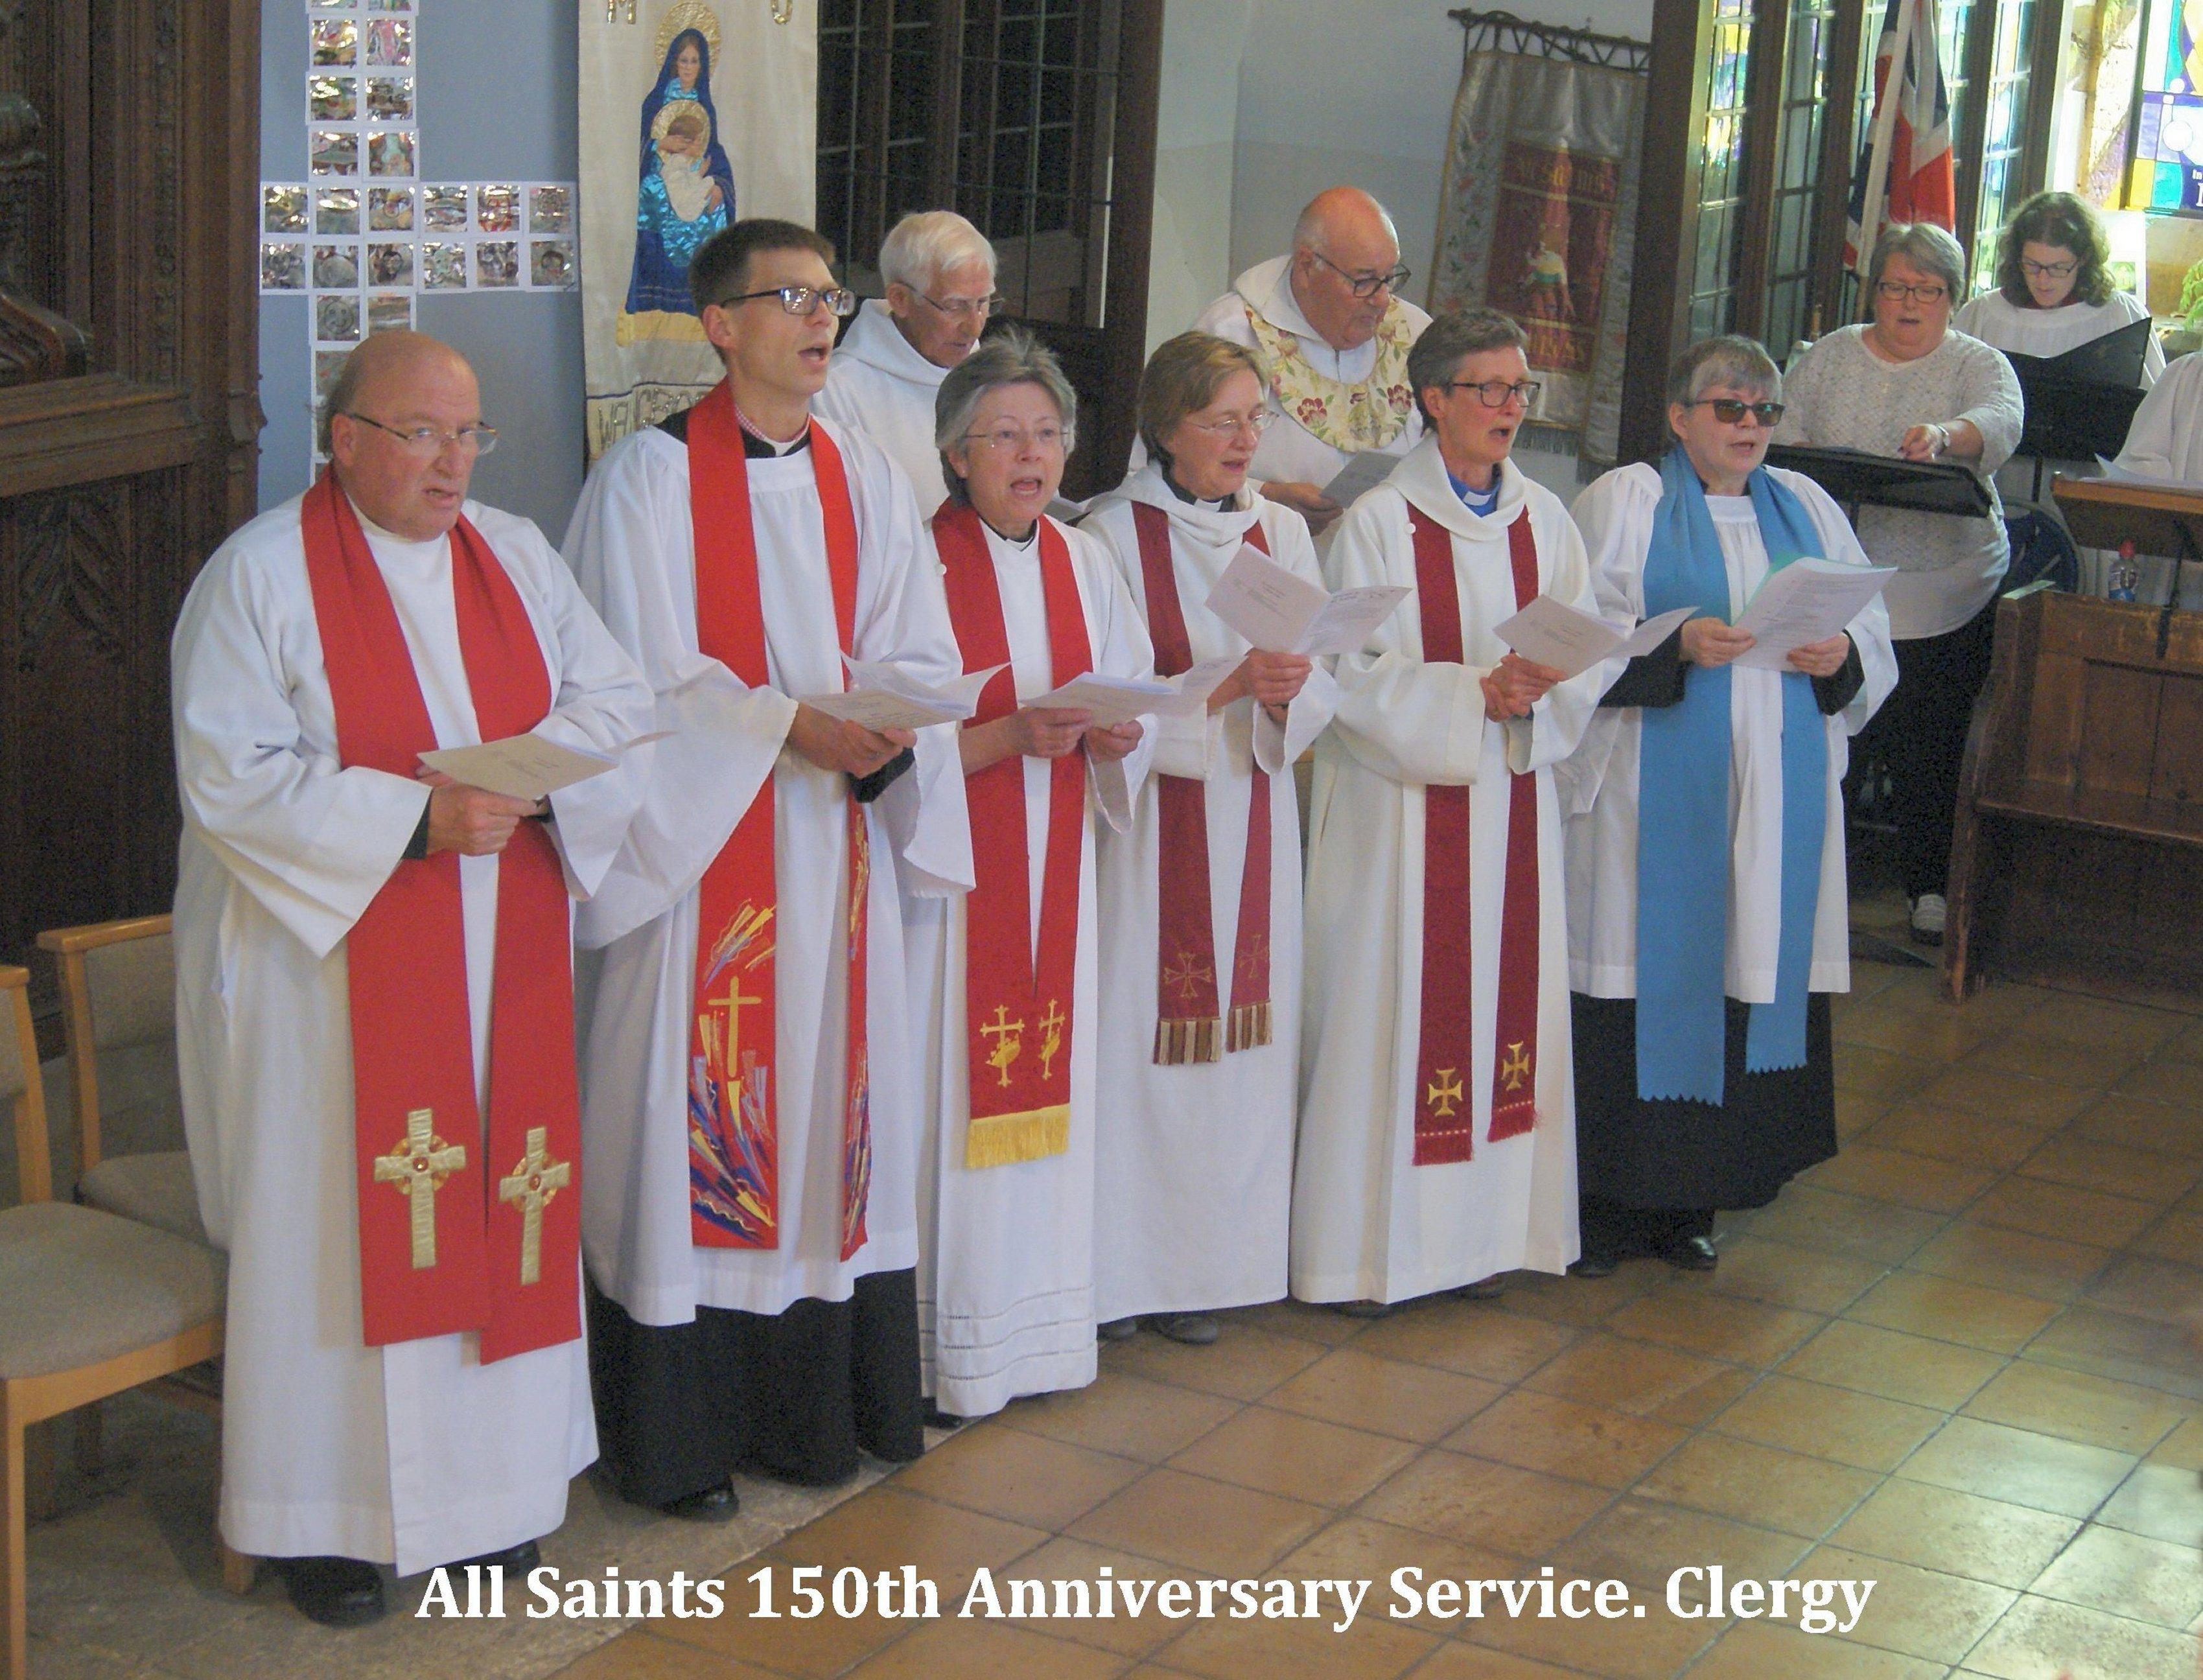 (010) Clergy